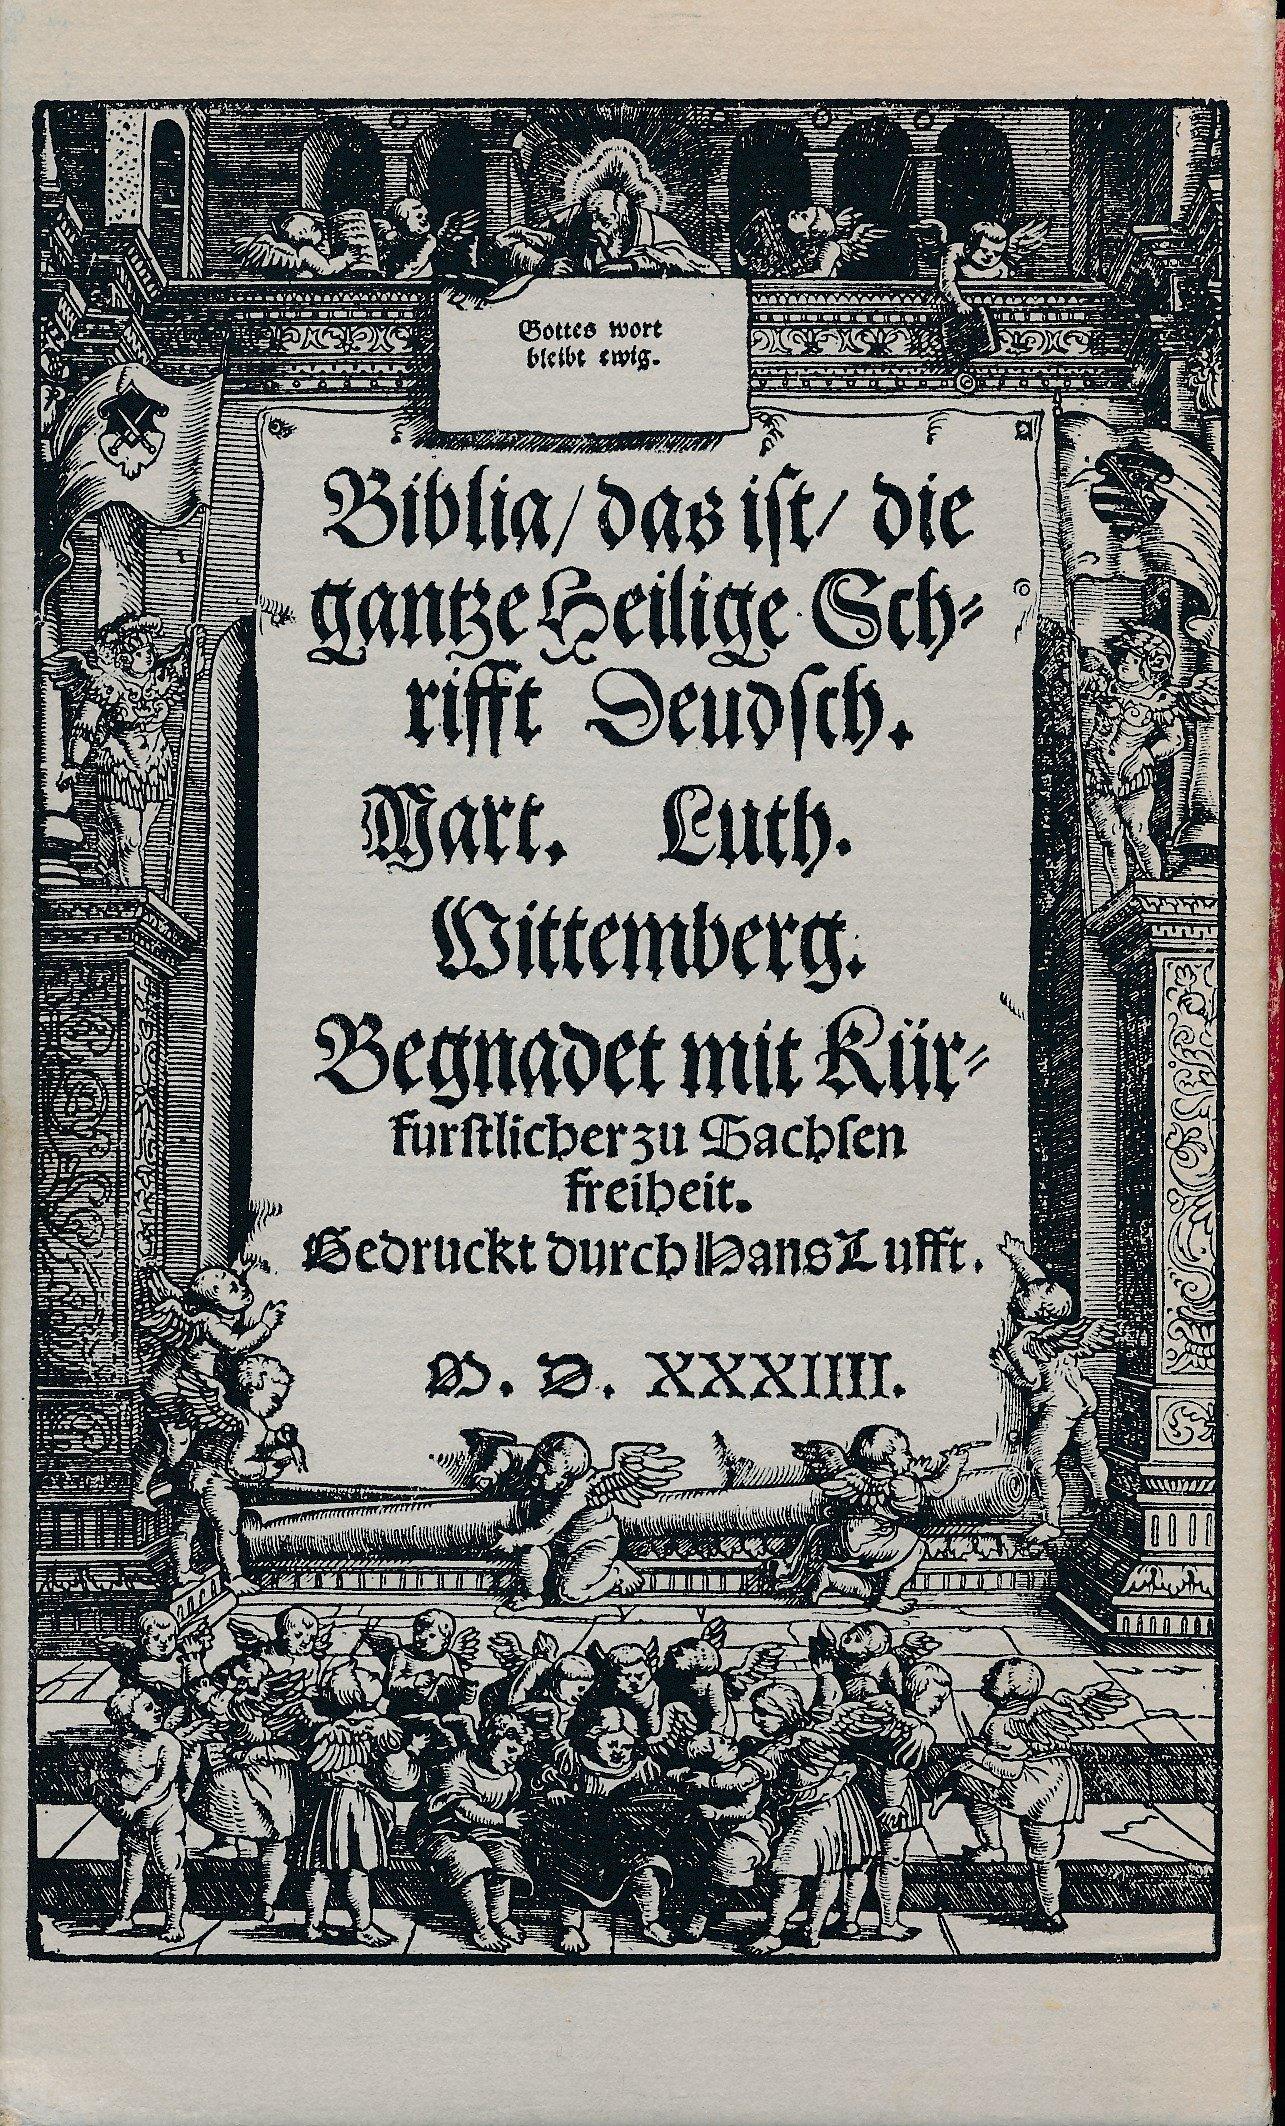 Biblia/das ist/die gantze Heilige Schrift Band 1 + 2 / Zu Luther: Biblia (3 Bücher);